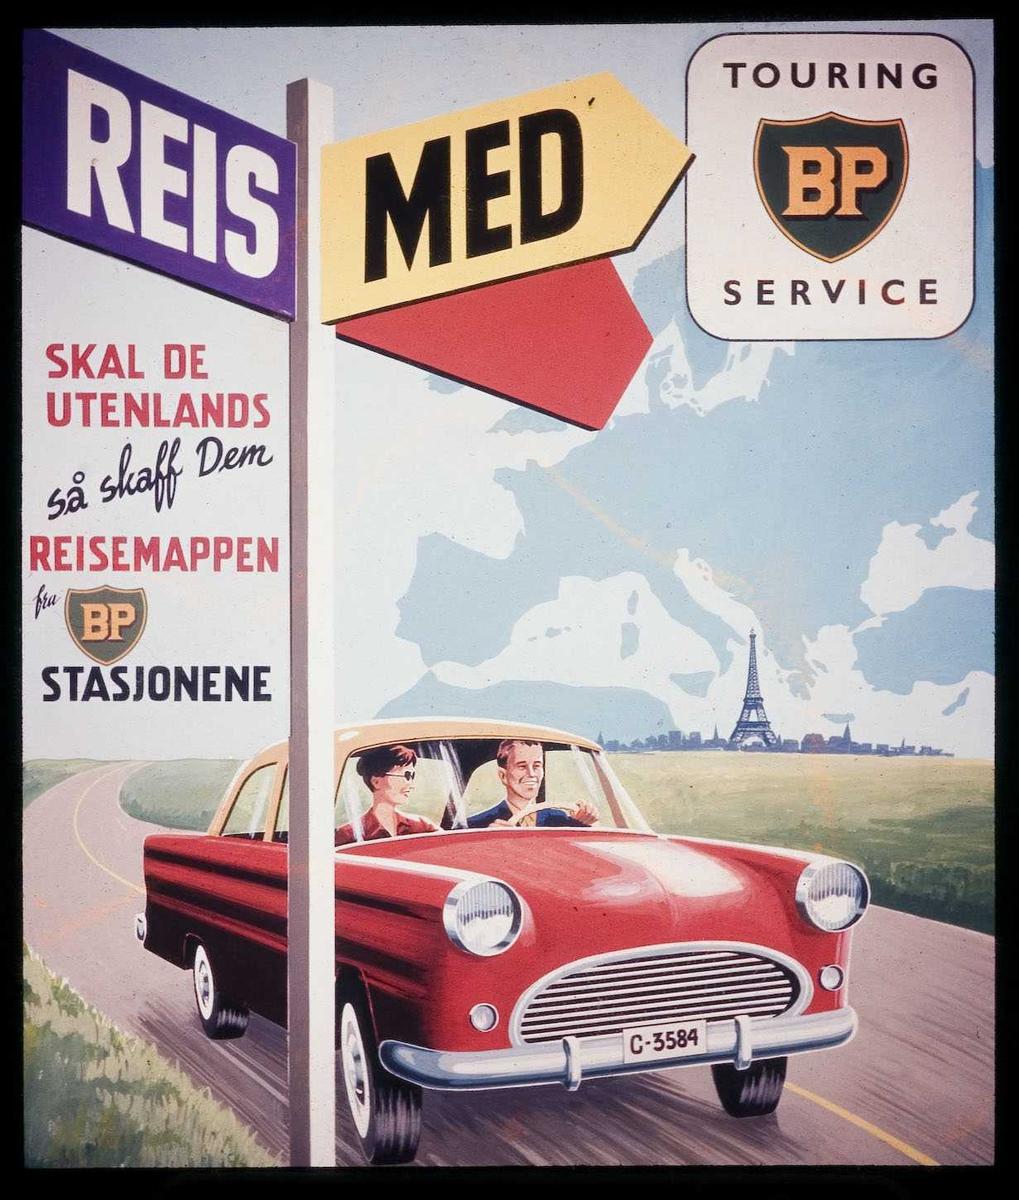 Kinoreklame fra Ski for BP. Reis med BP touring service. Skal De utenlands så skaff Dem reisemappen fra BP-stasjonene.